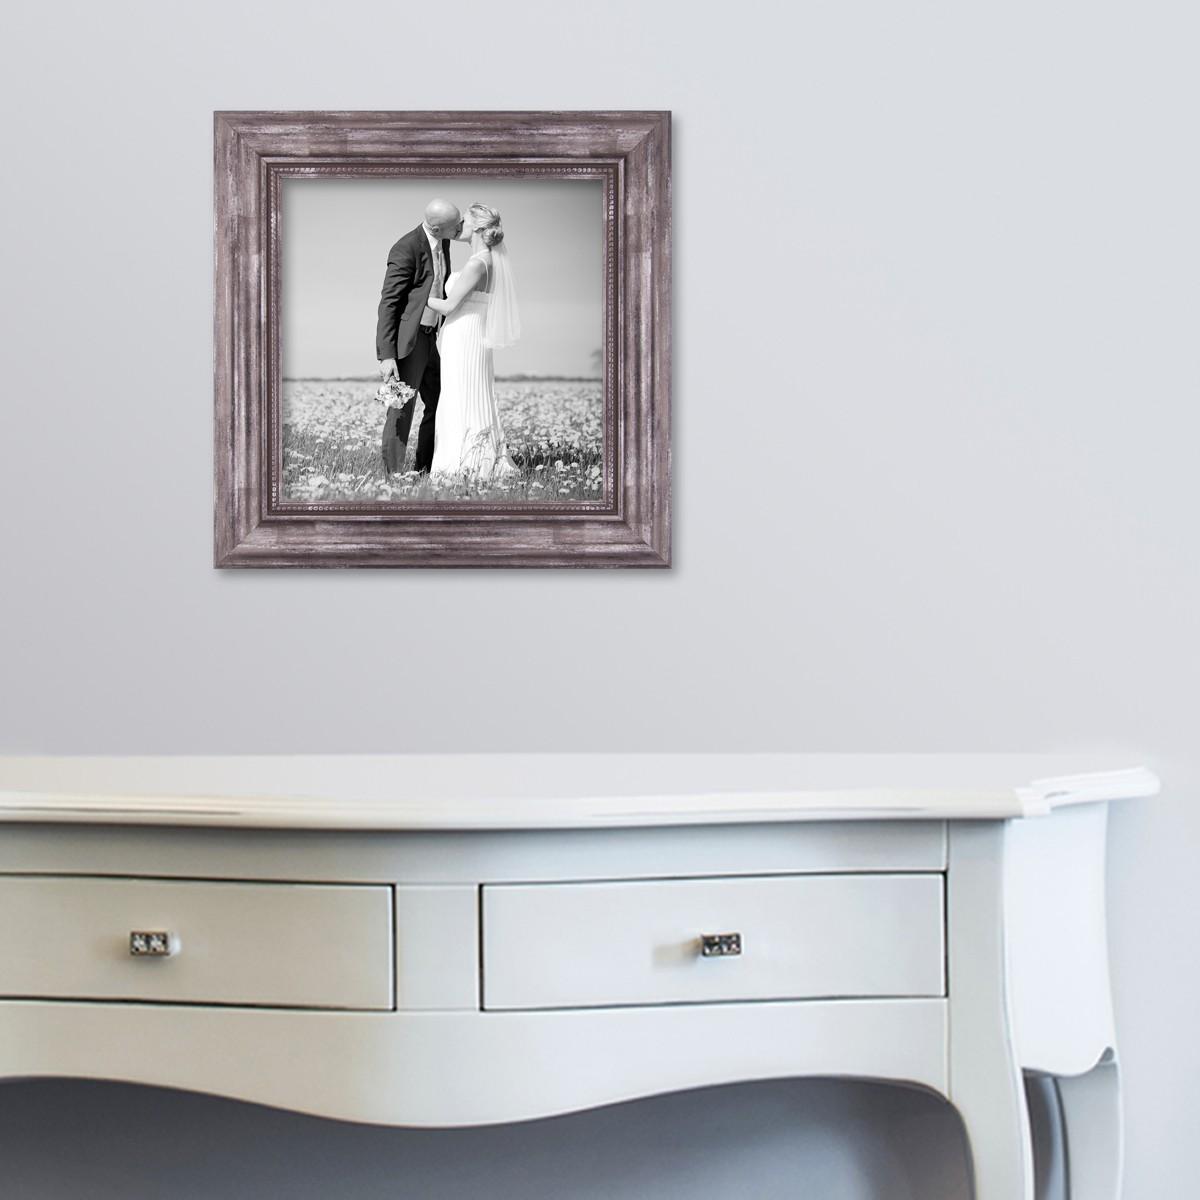 bilderrahmen landhaus barock breit vintage holz gold silber braun weiss rahmen. Black Bedroom Furniture Sets. Home Design Ideas